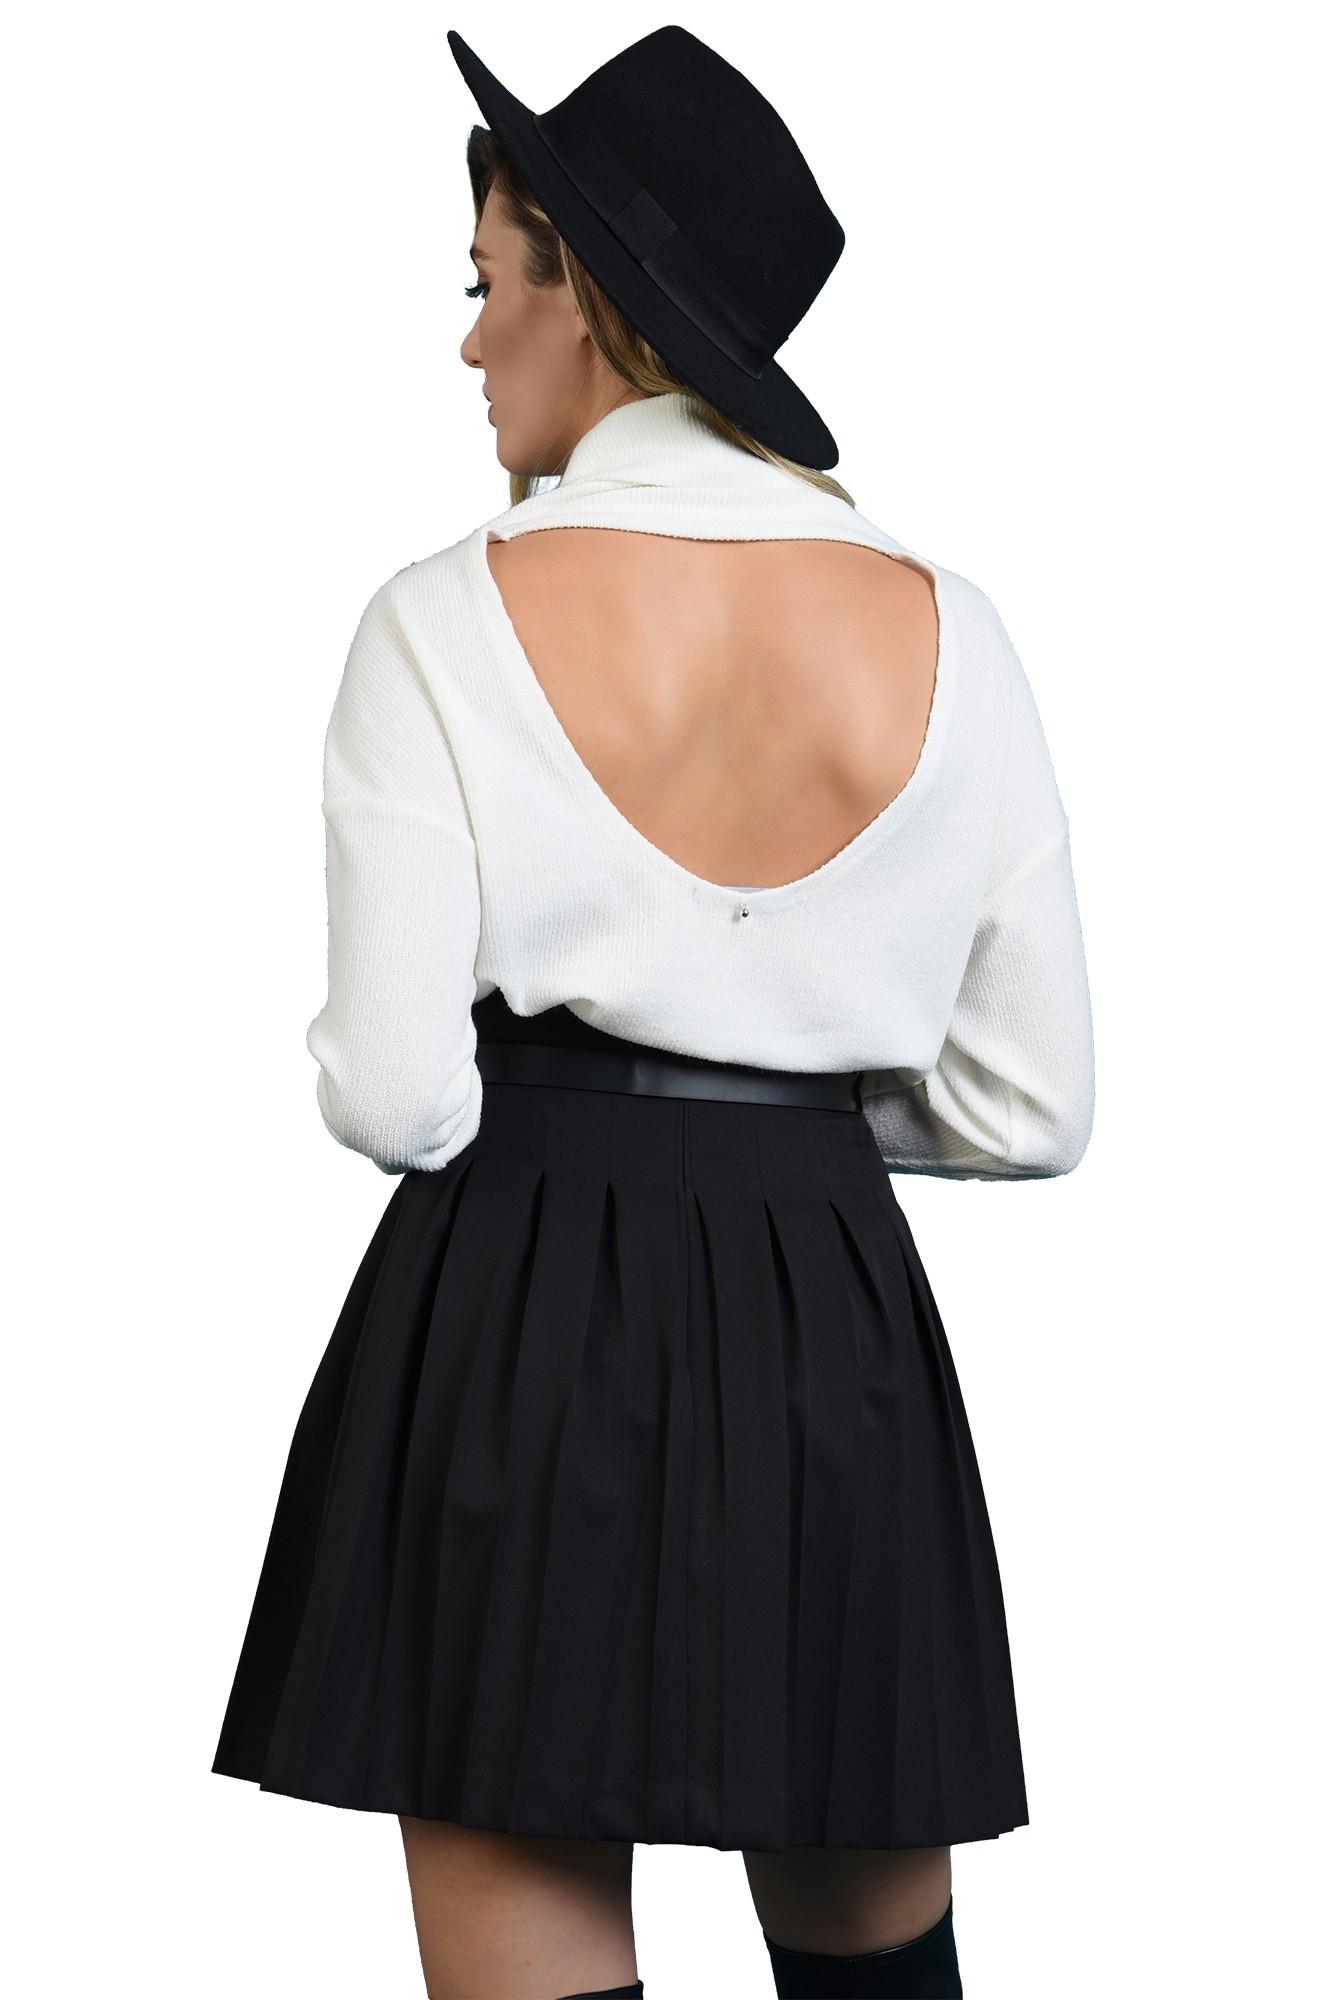 3 - pulover alb, cu guler, cu spatele decupat, cu maneca lunga